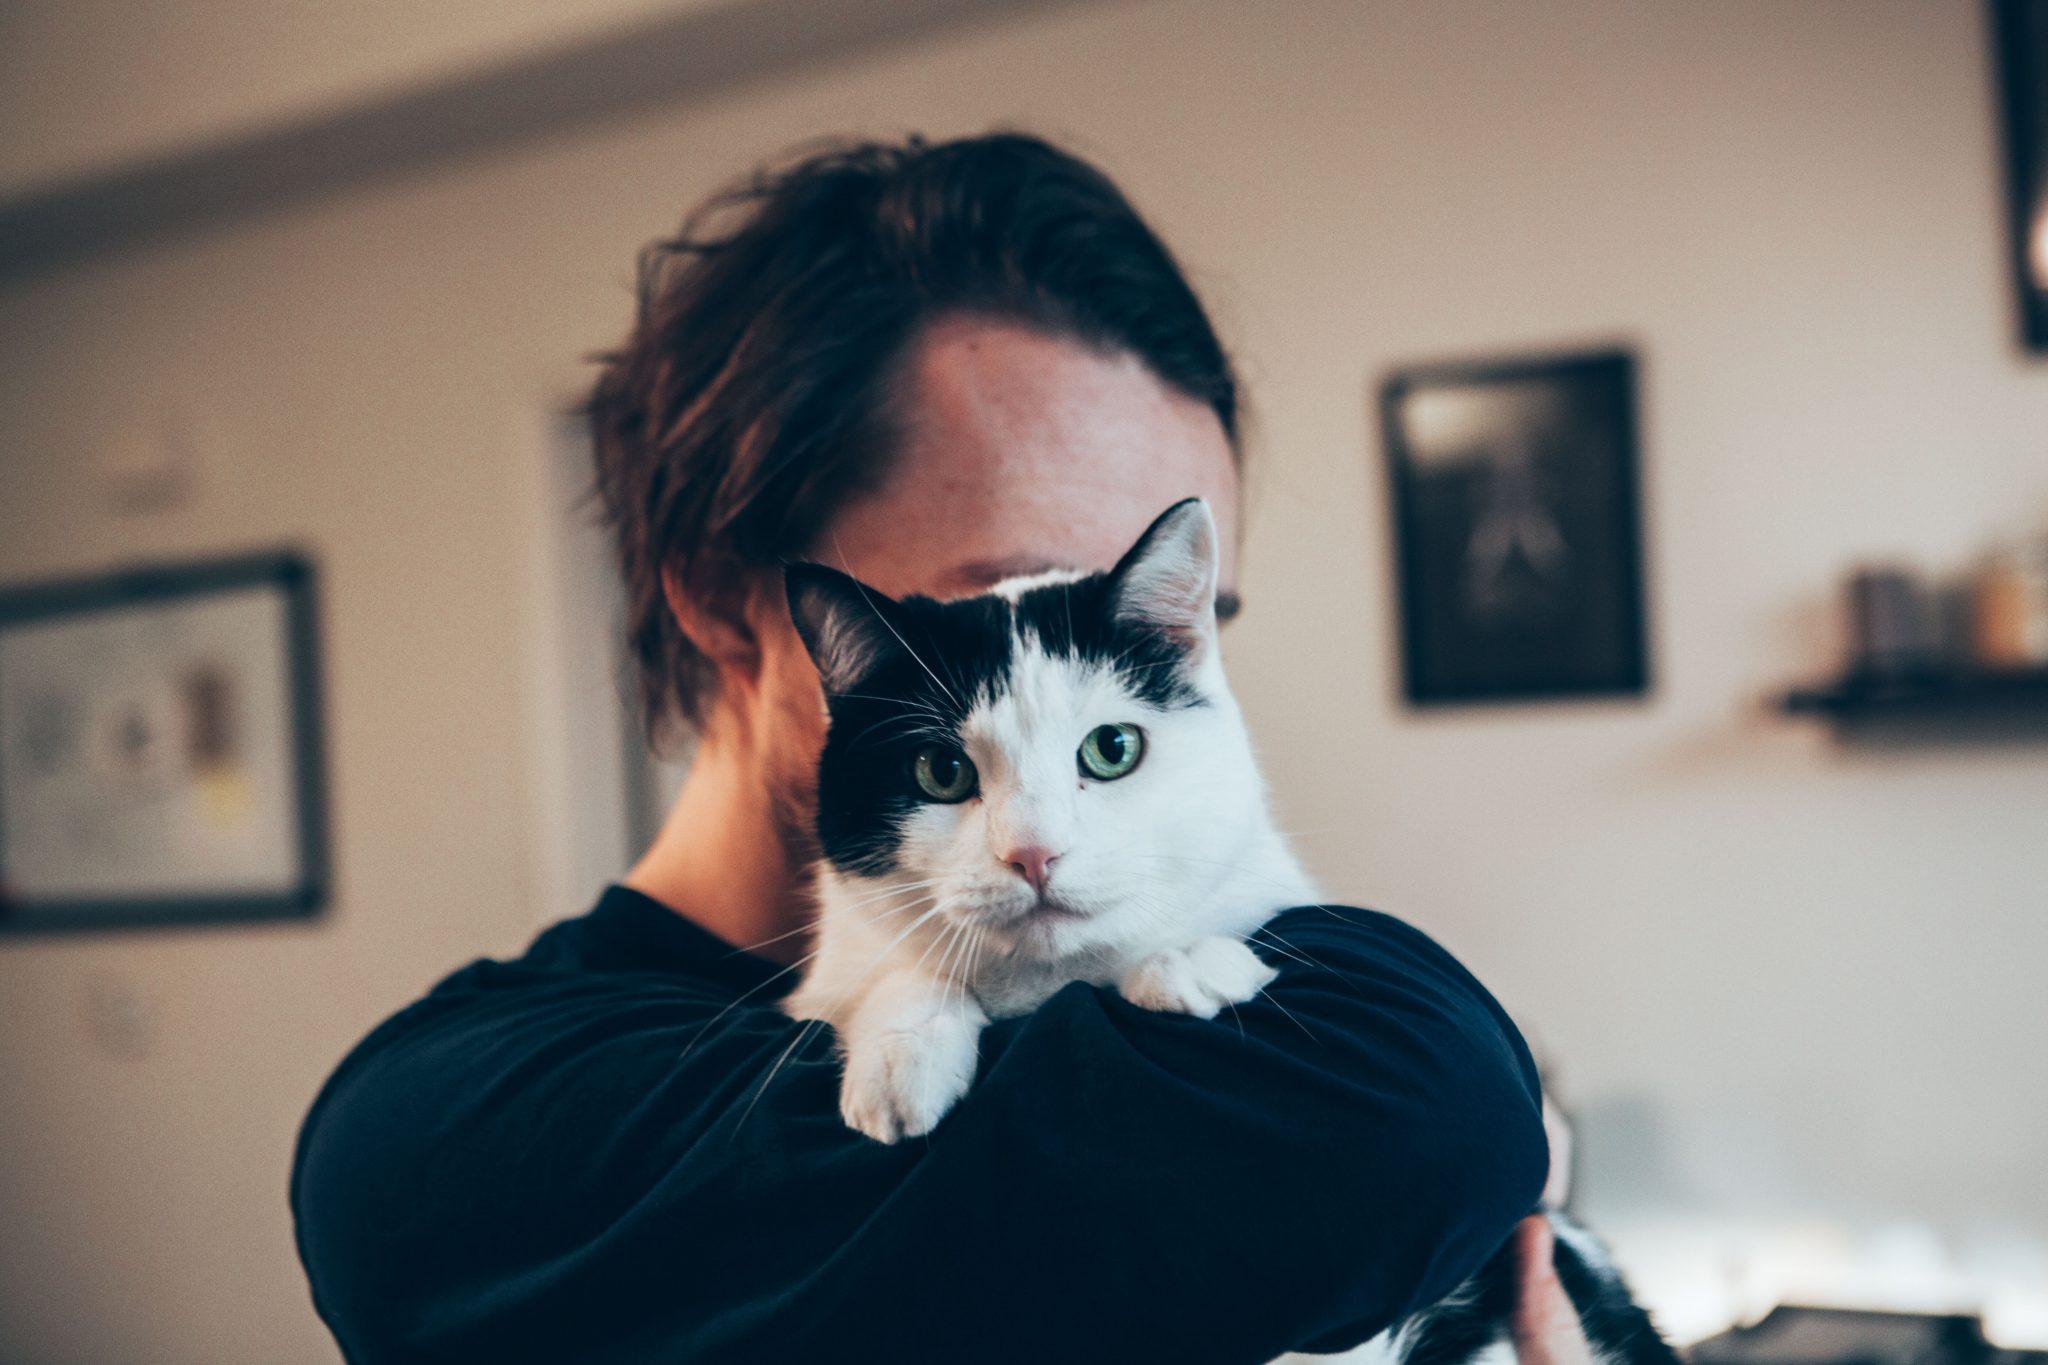 집사와 닮아가는 고양이